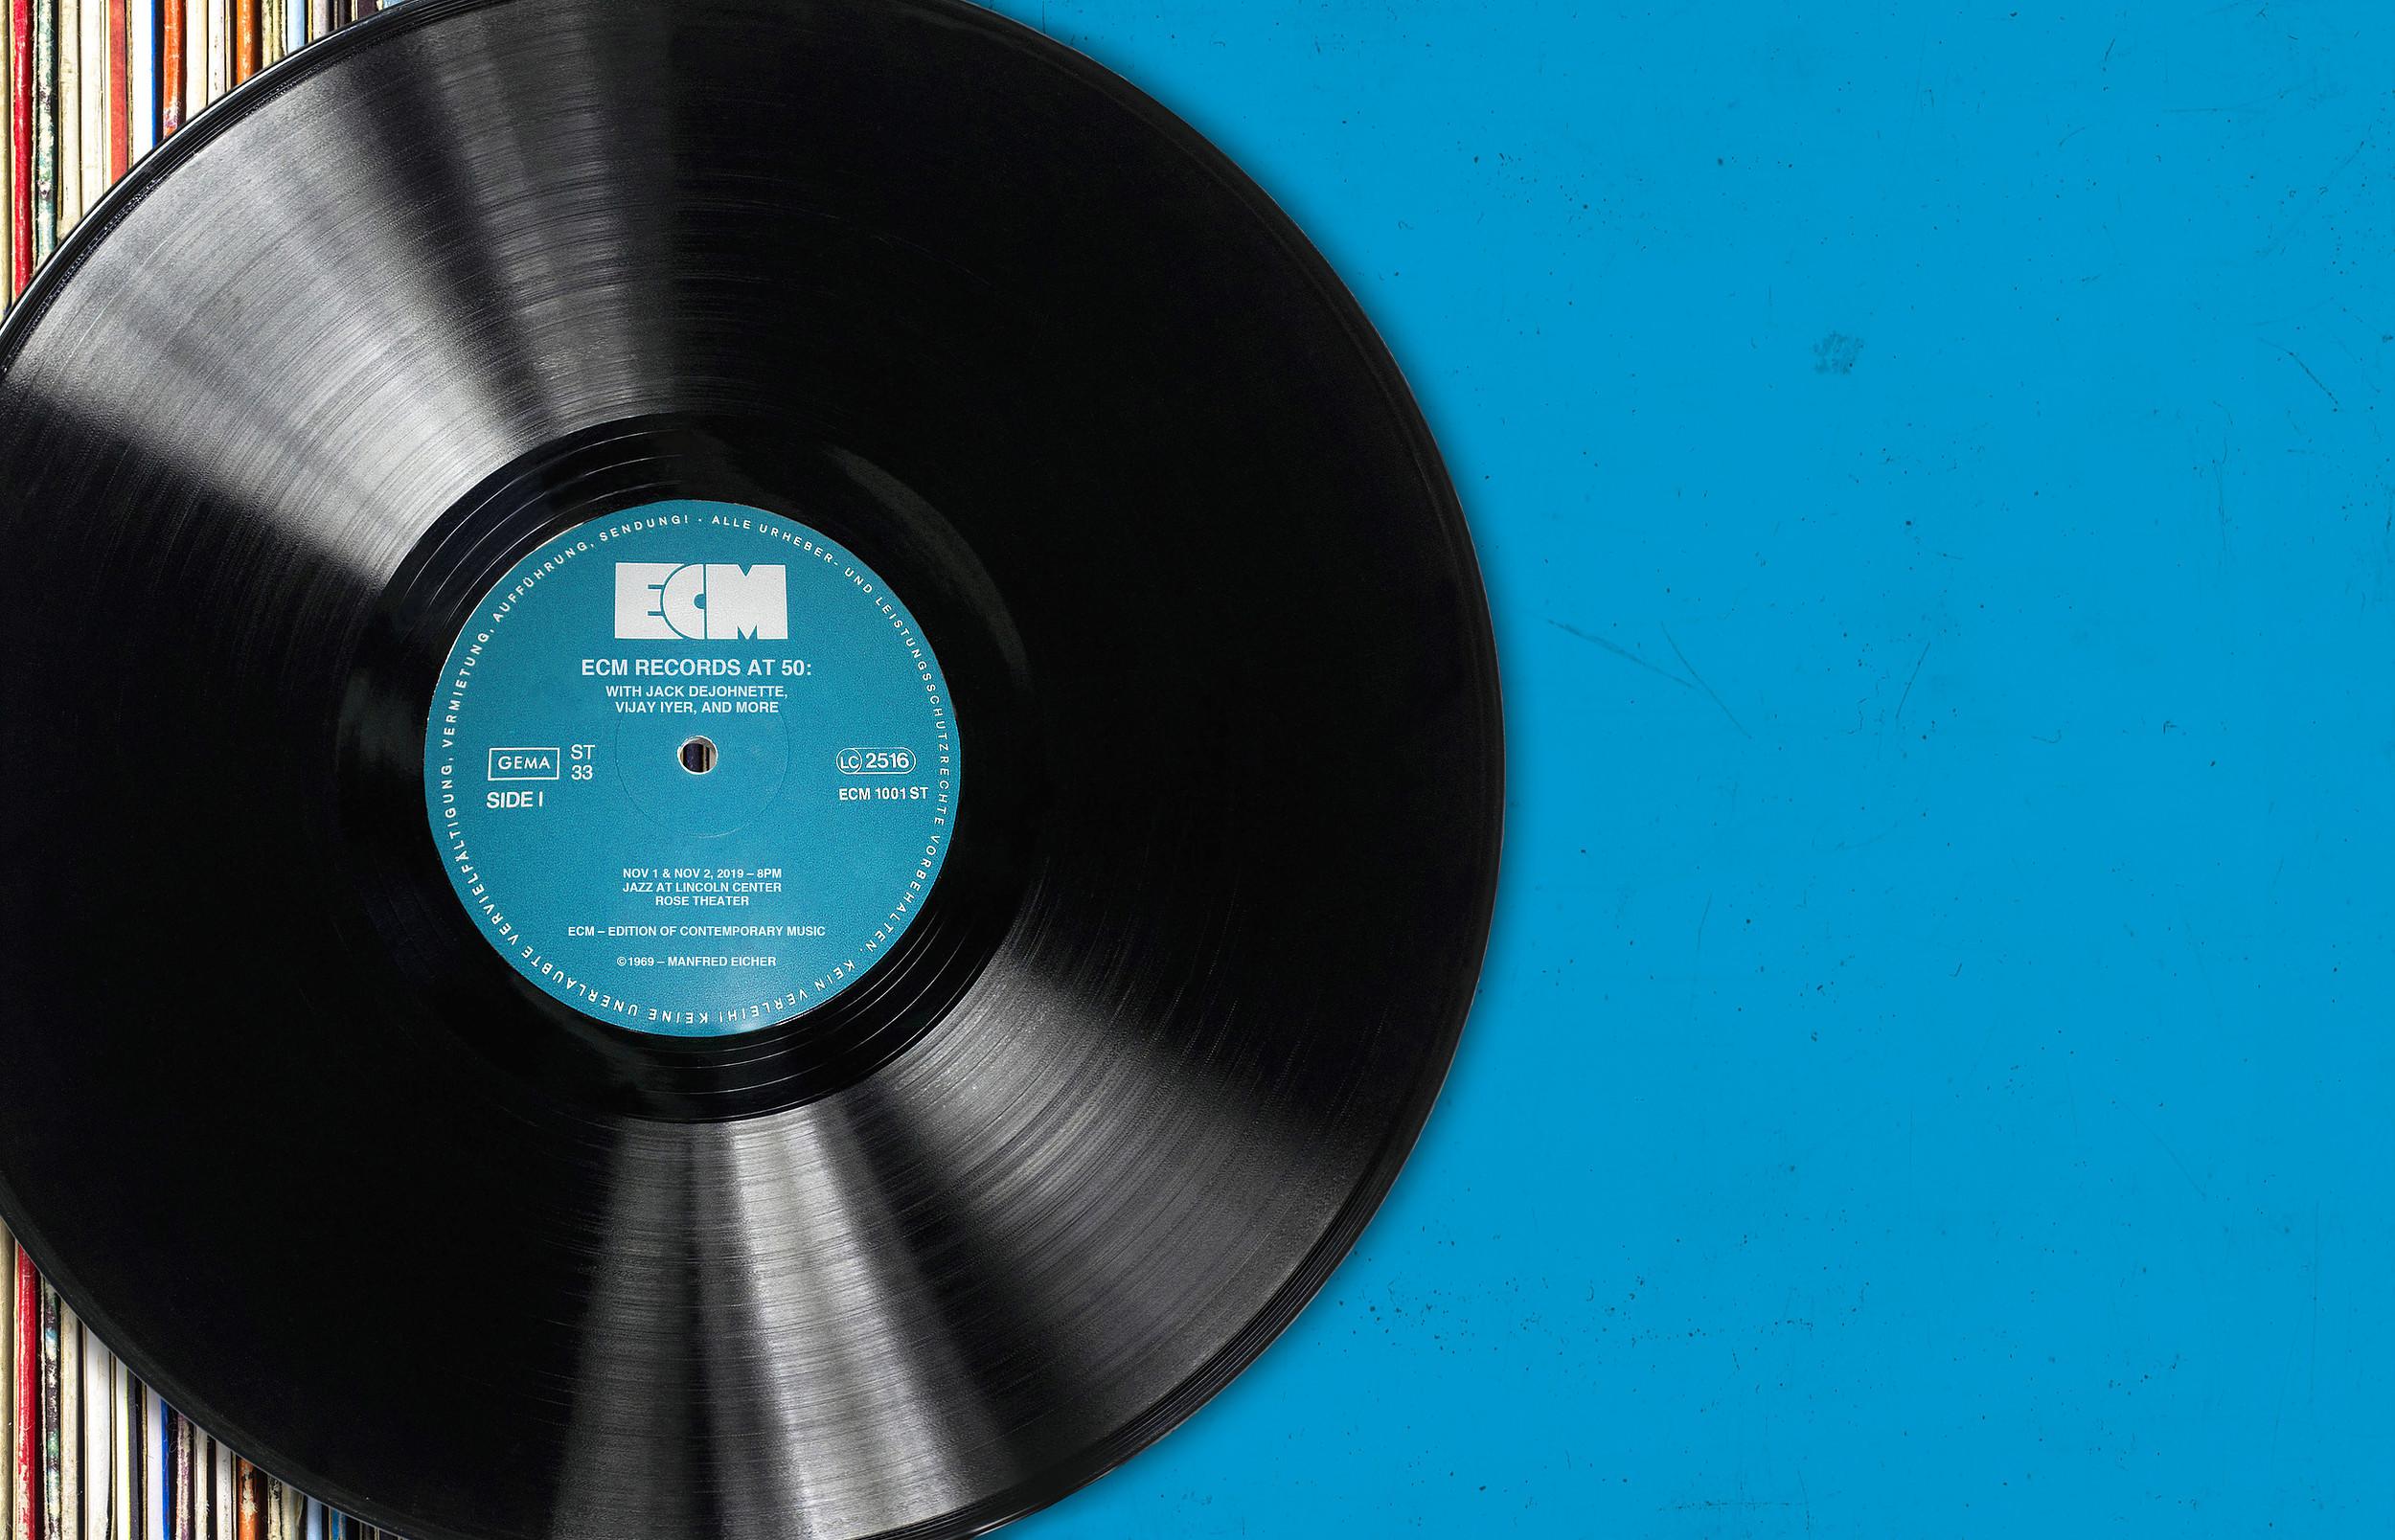 ECM Records at 50